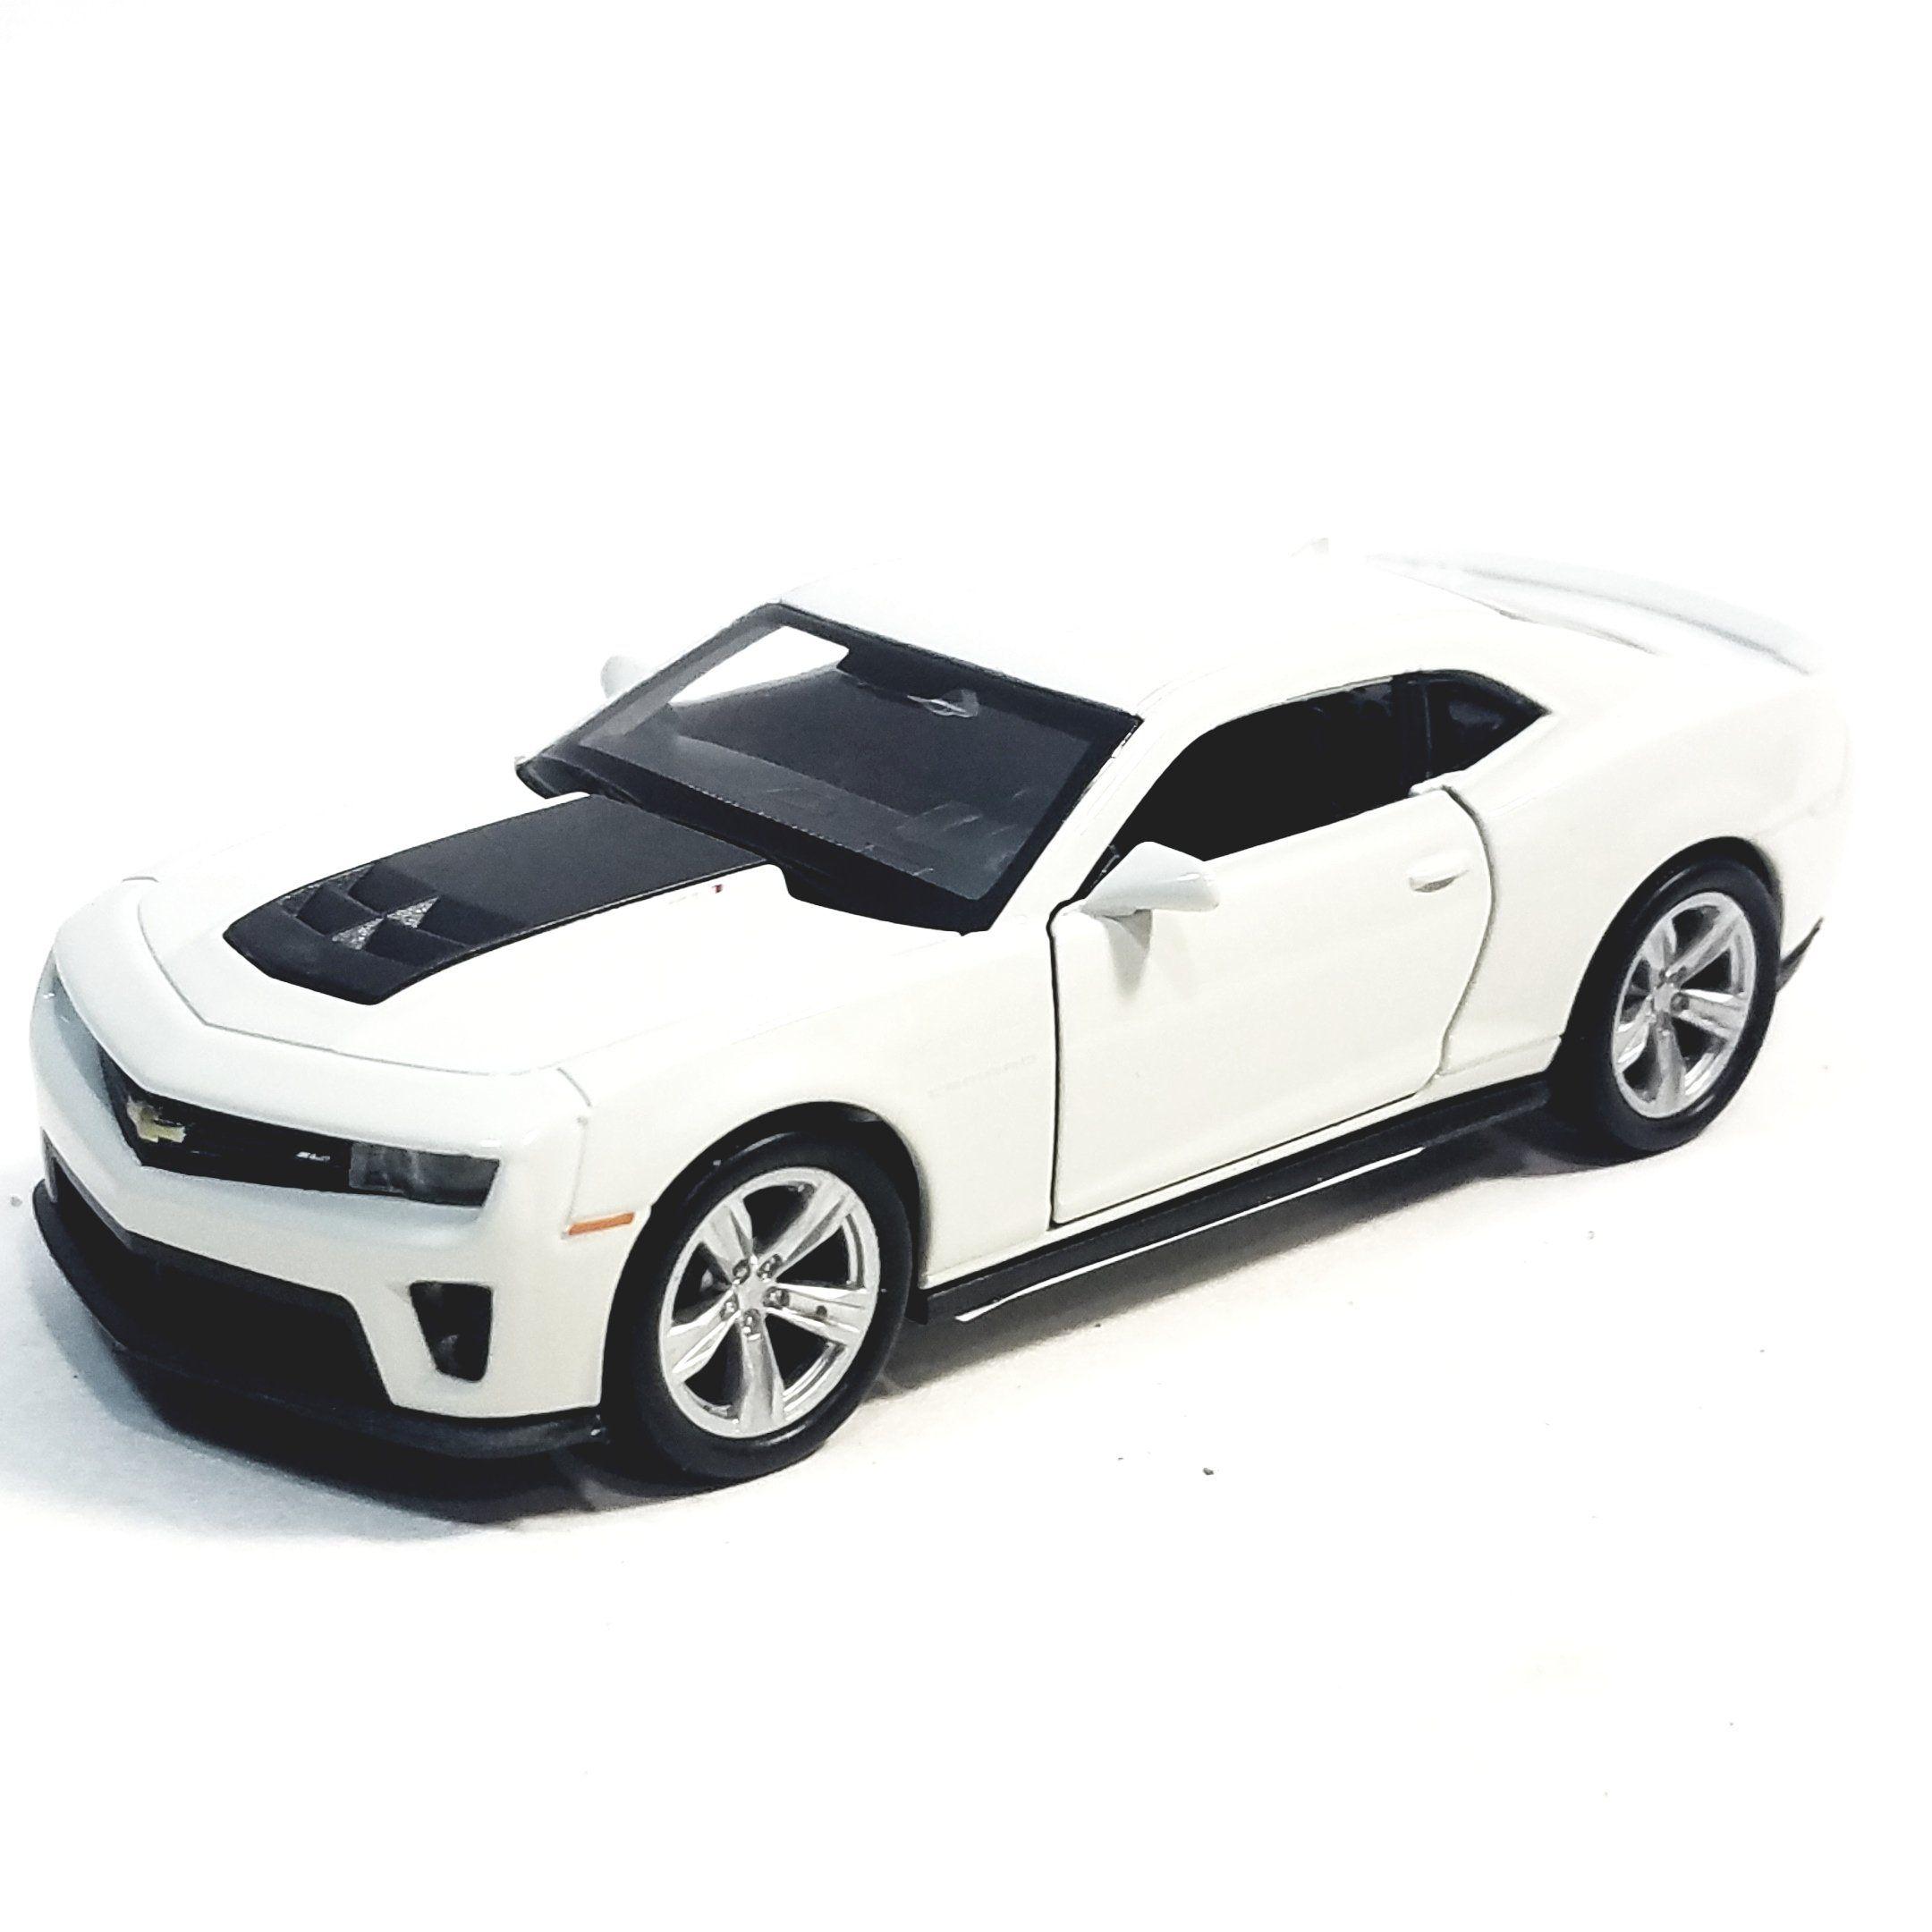 Welly Chevy Camaro Zl1 White Hard Top 4 5 Camaro Zl1 Chevy Camaro Chevy Camaro Zl1